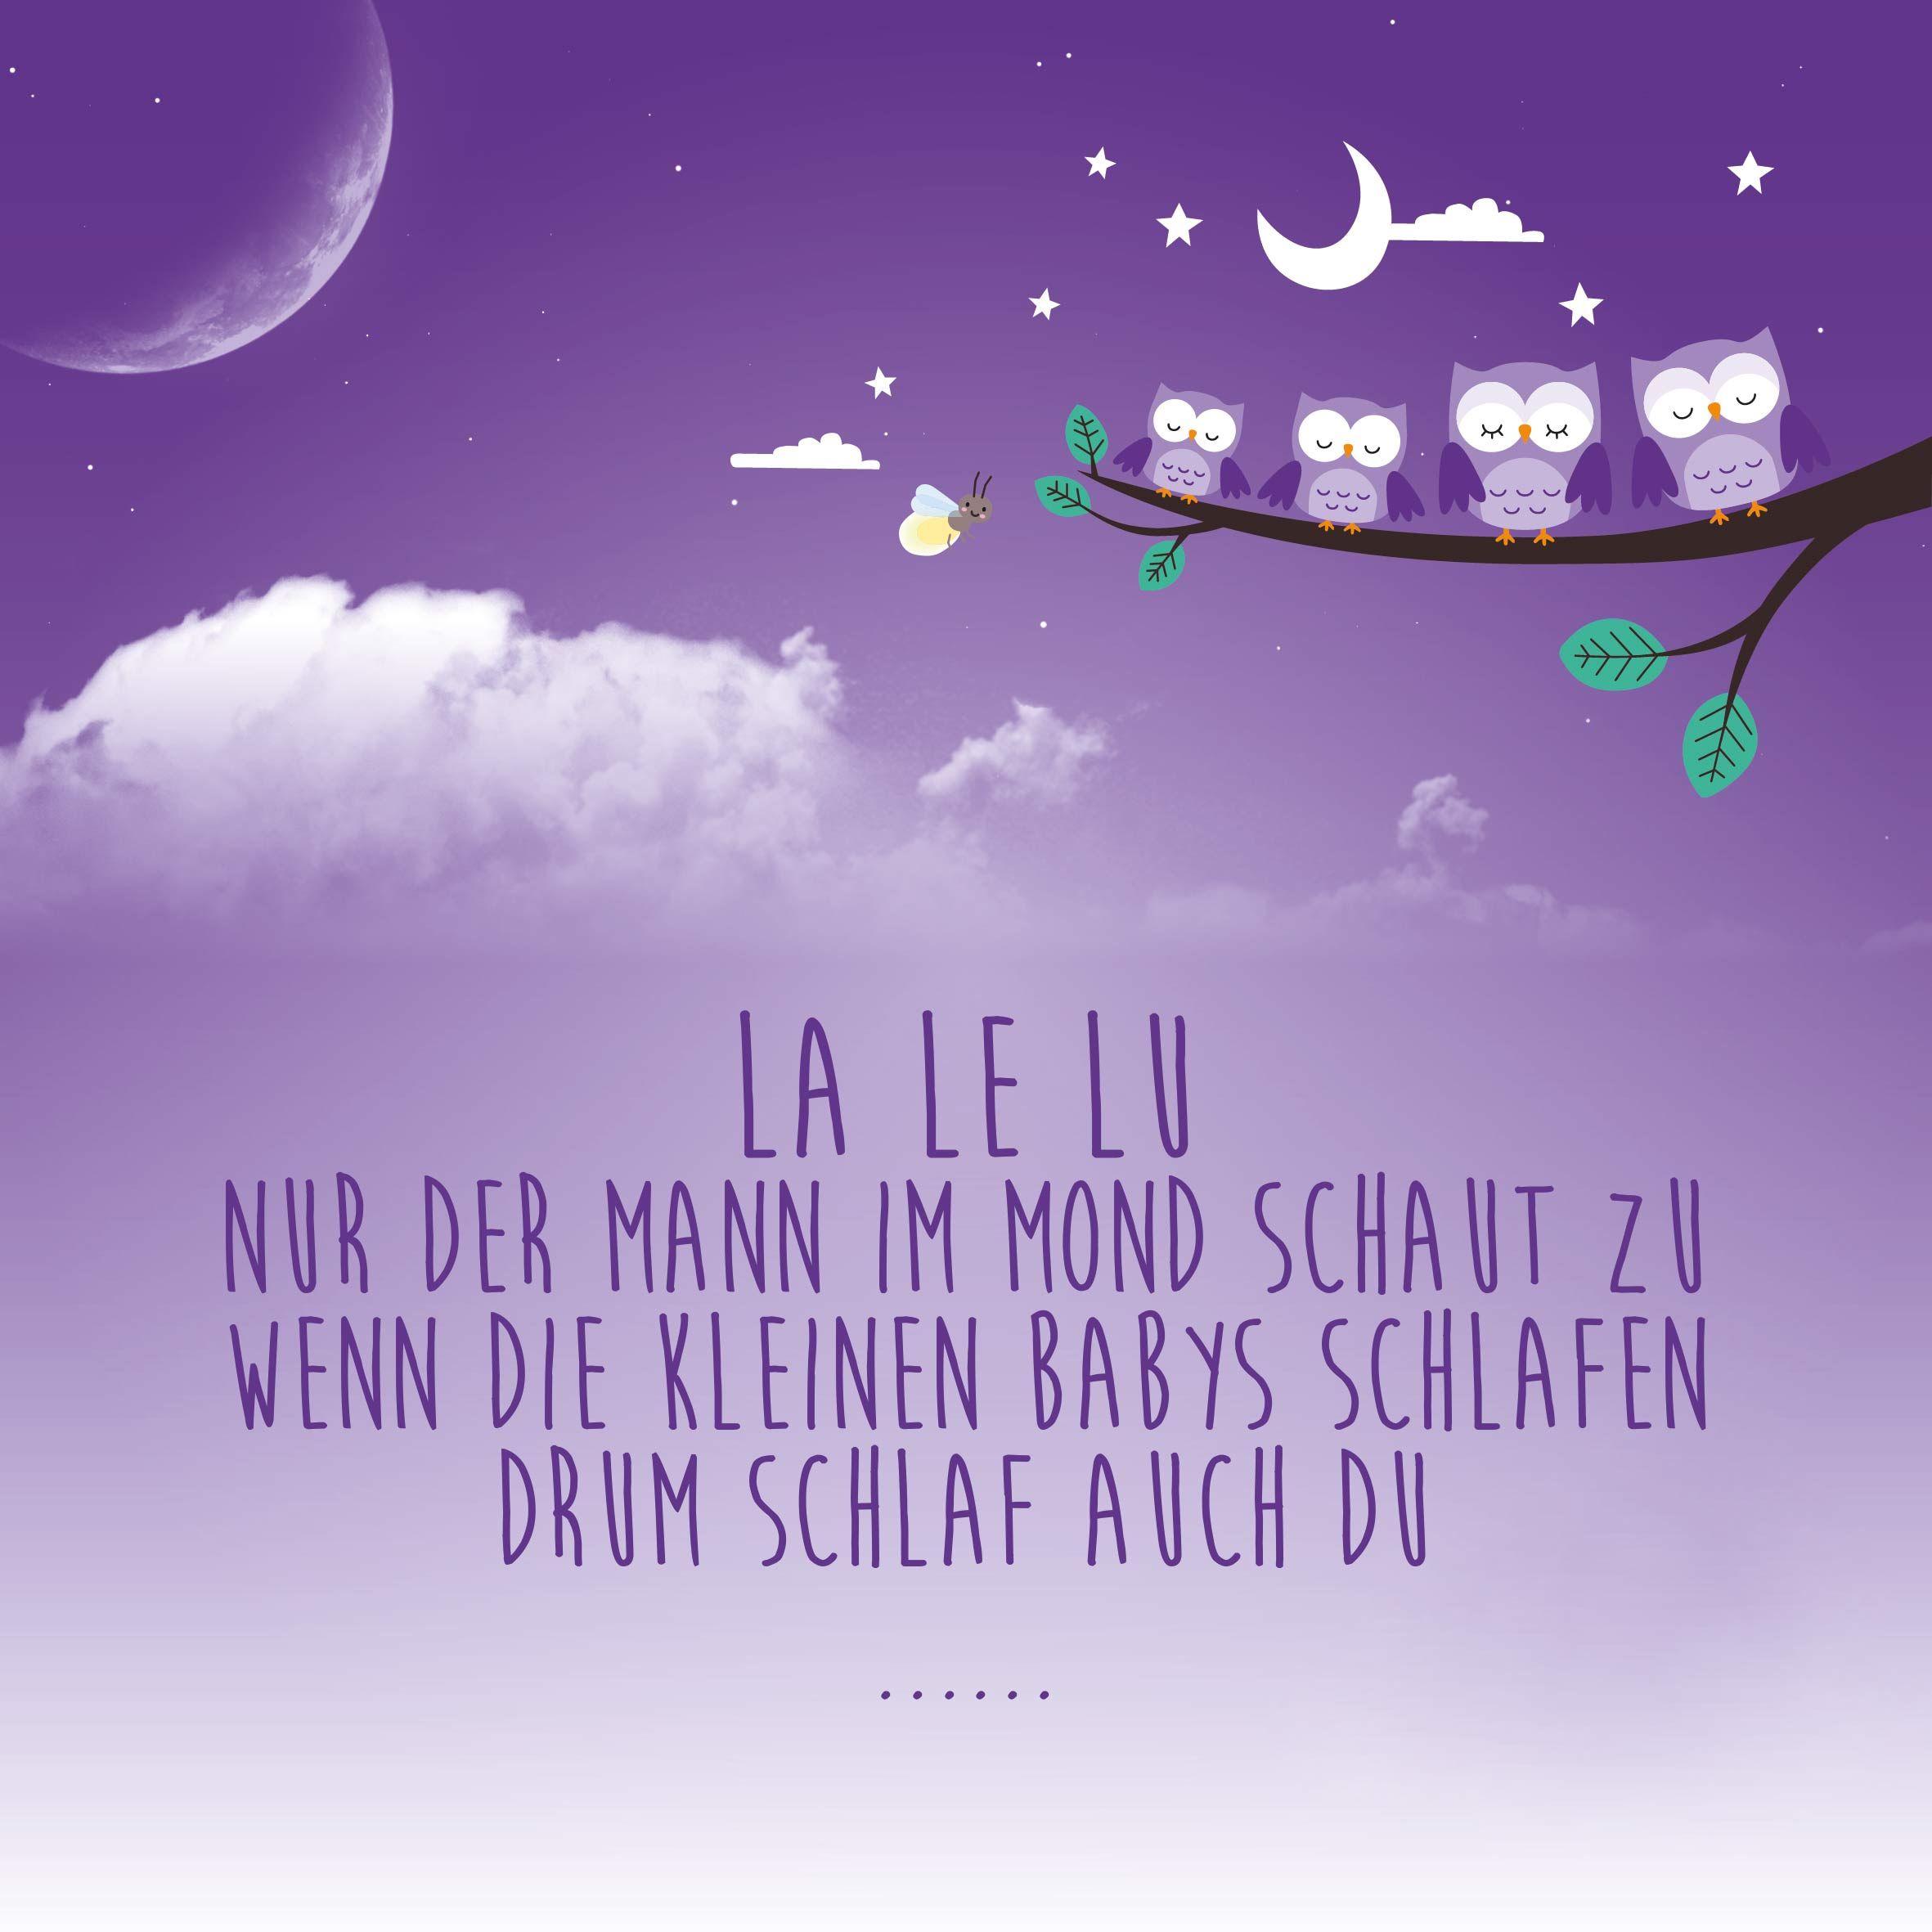 La Le Lu  ein Gute-Nacht-Zitat zum Vorsingen | Baby